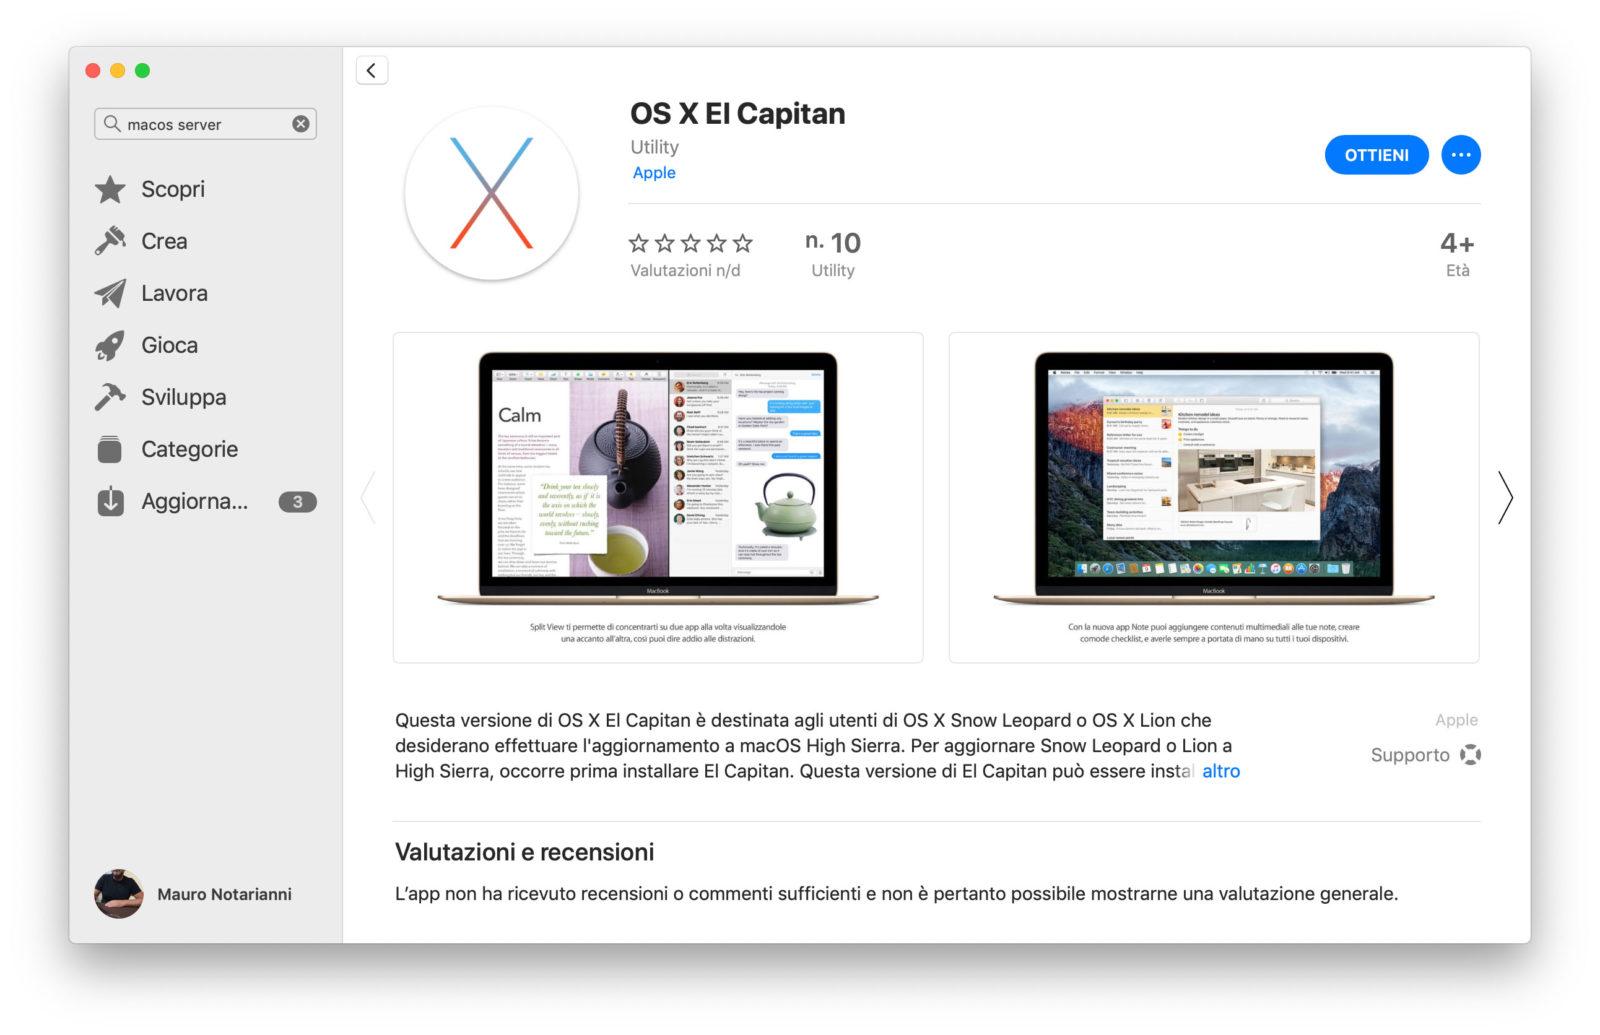 Come recuperare le vecchie versioni di OS X